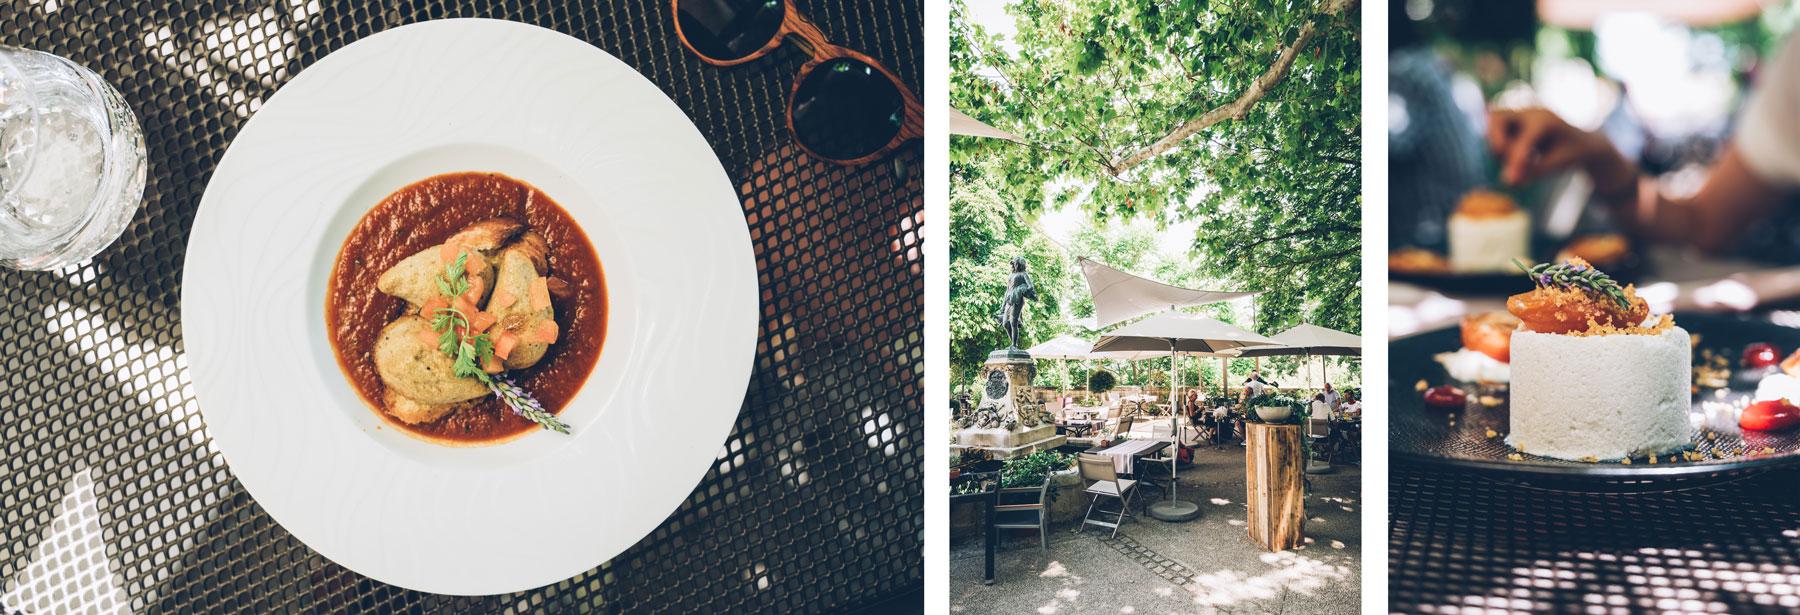 Bonne Adresse Sault: Restaurant les lavandes à Monieux